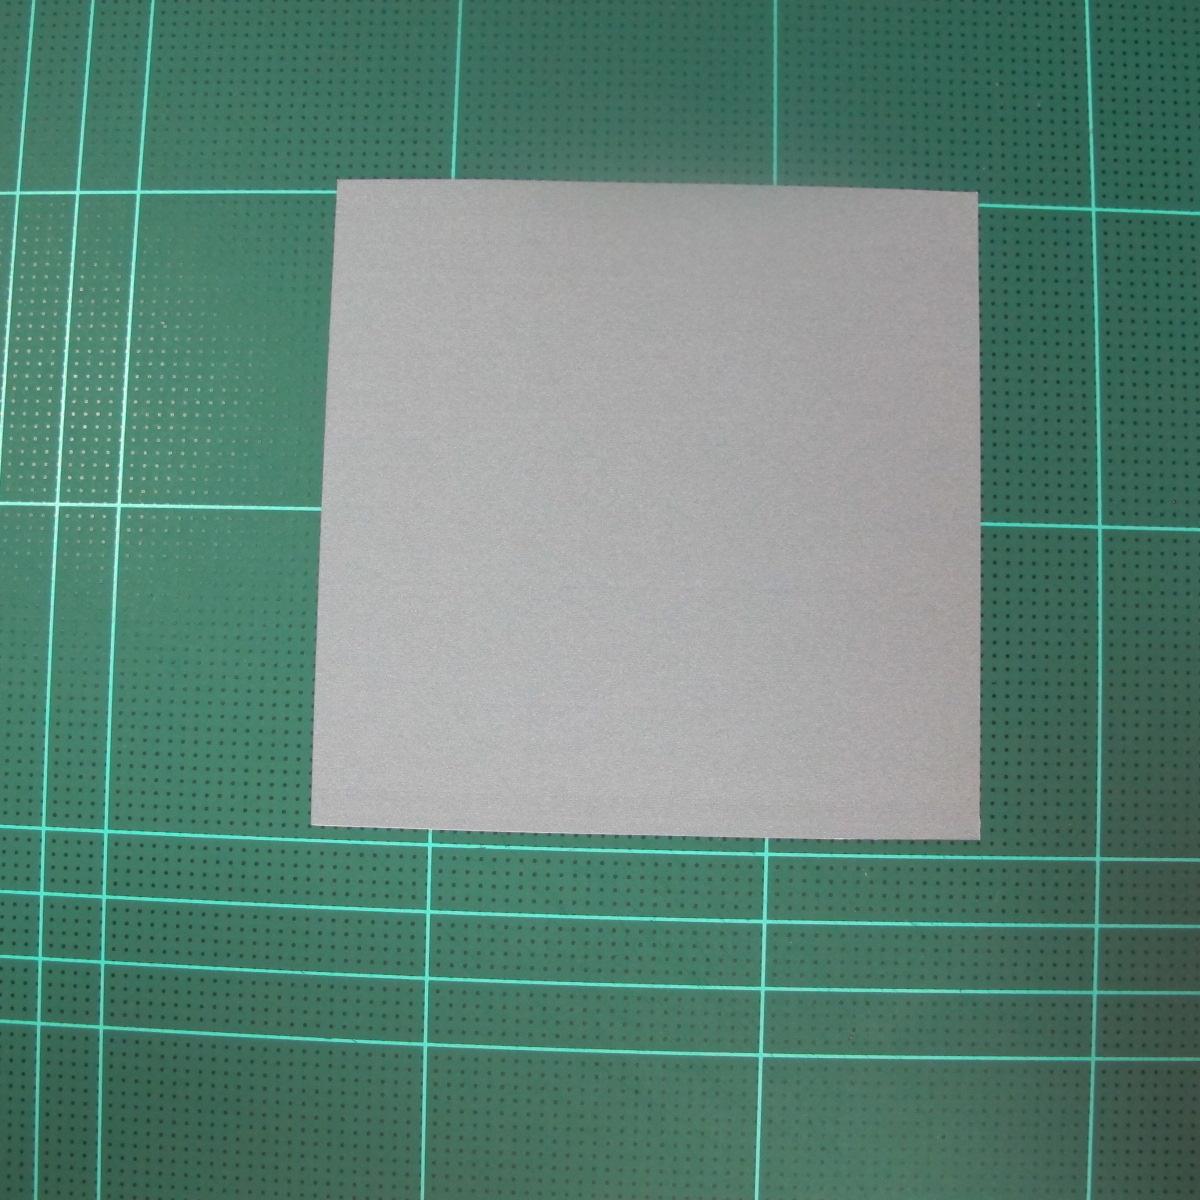 วิธีพับกล่องของขวัญแบบโมดูล่า (Modular Origami Decorative Box) โดย Tomoko Fuse 002